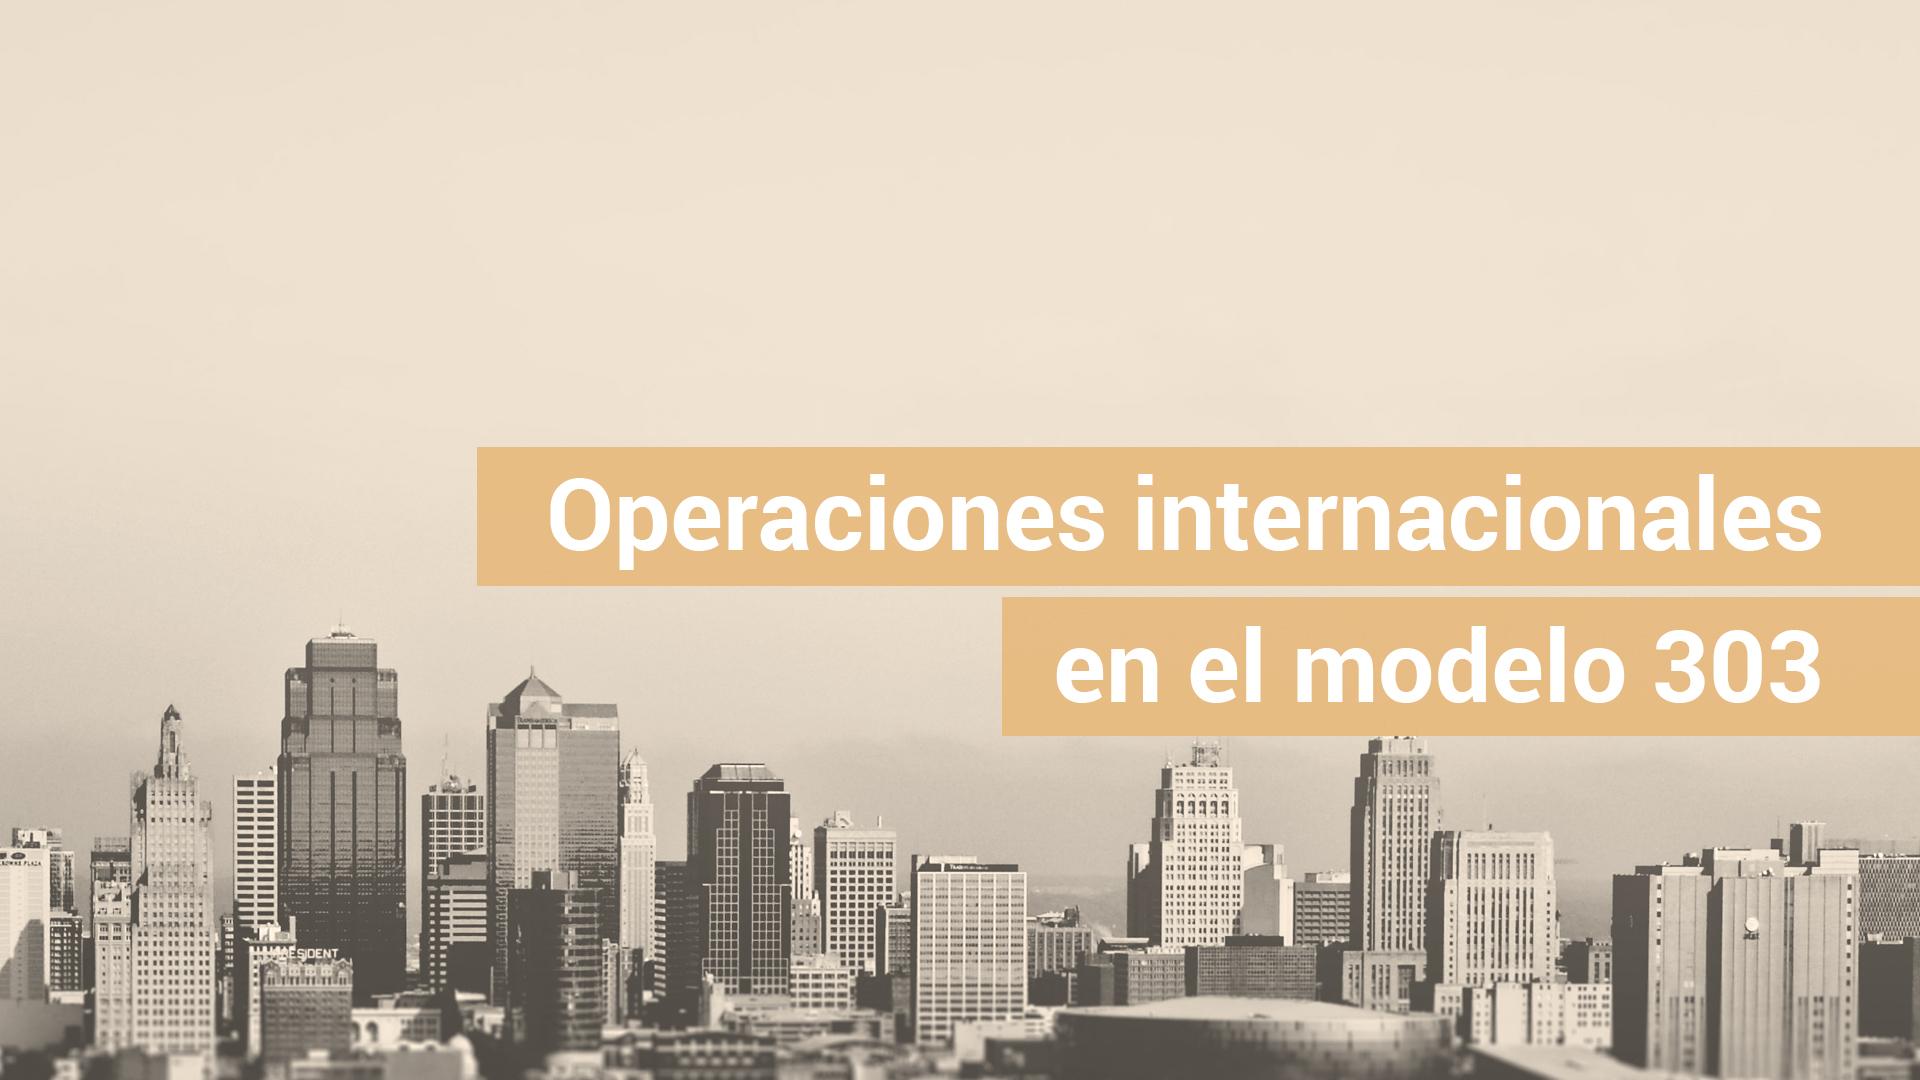 Cómo declarar las operaciones intracomunitarias e internacionales en el modelo 303